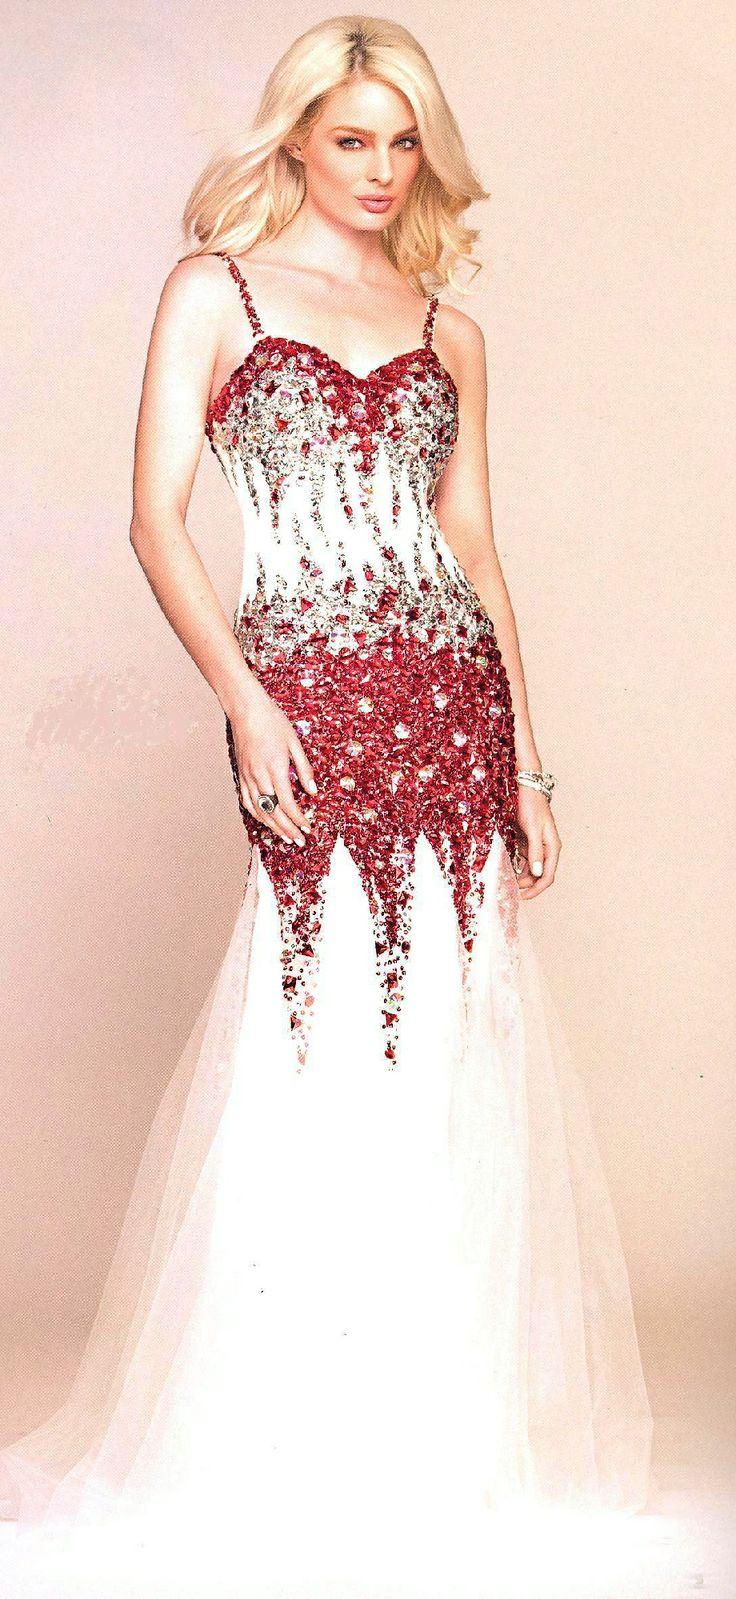 Prom DressesEvening Dresses by BG HAUTE3308Go for the Glam!